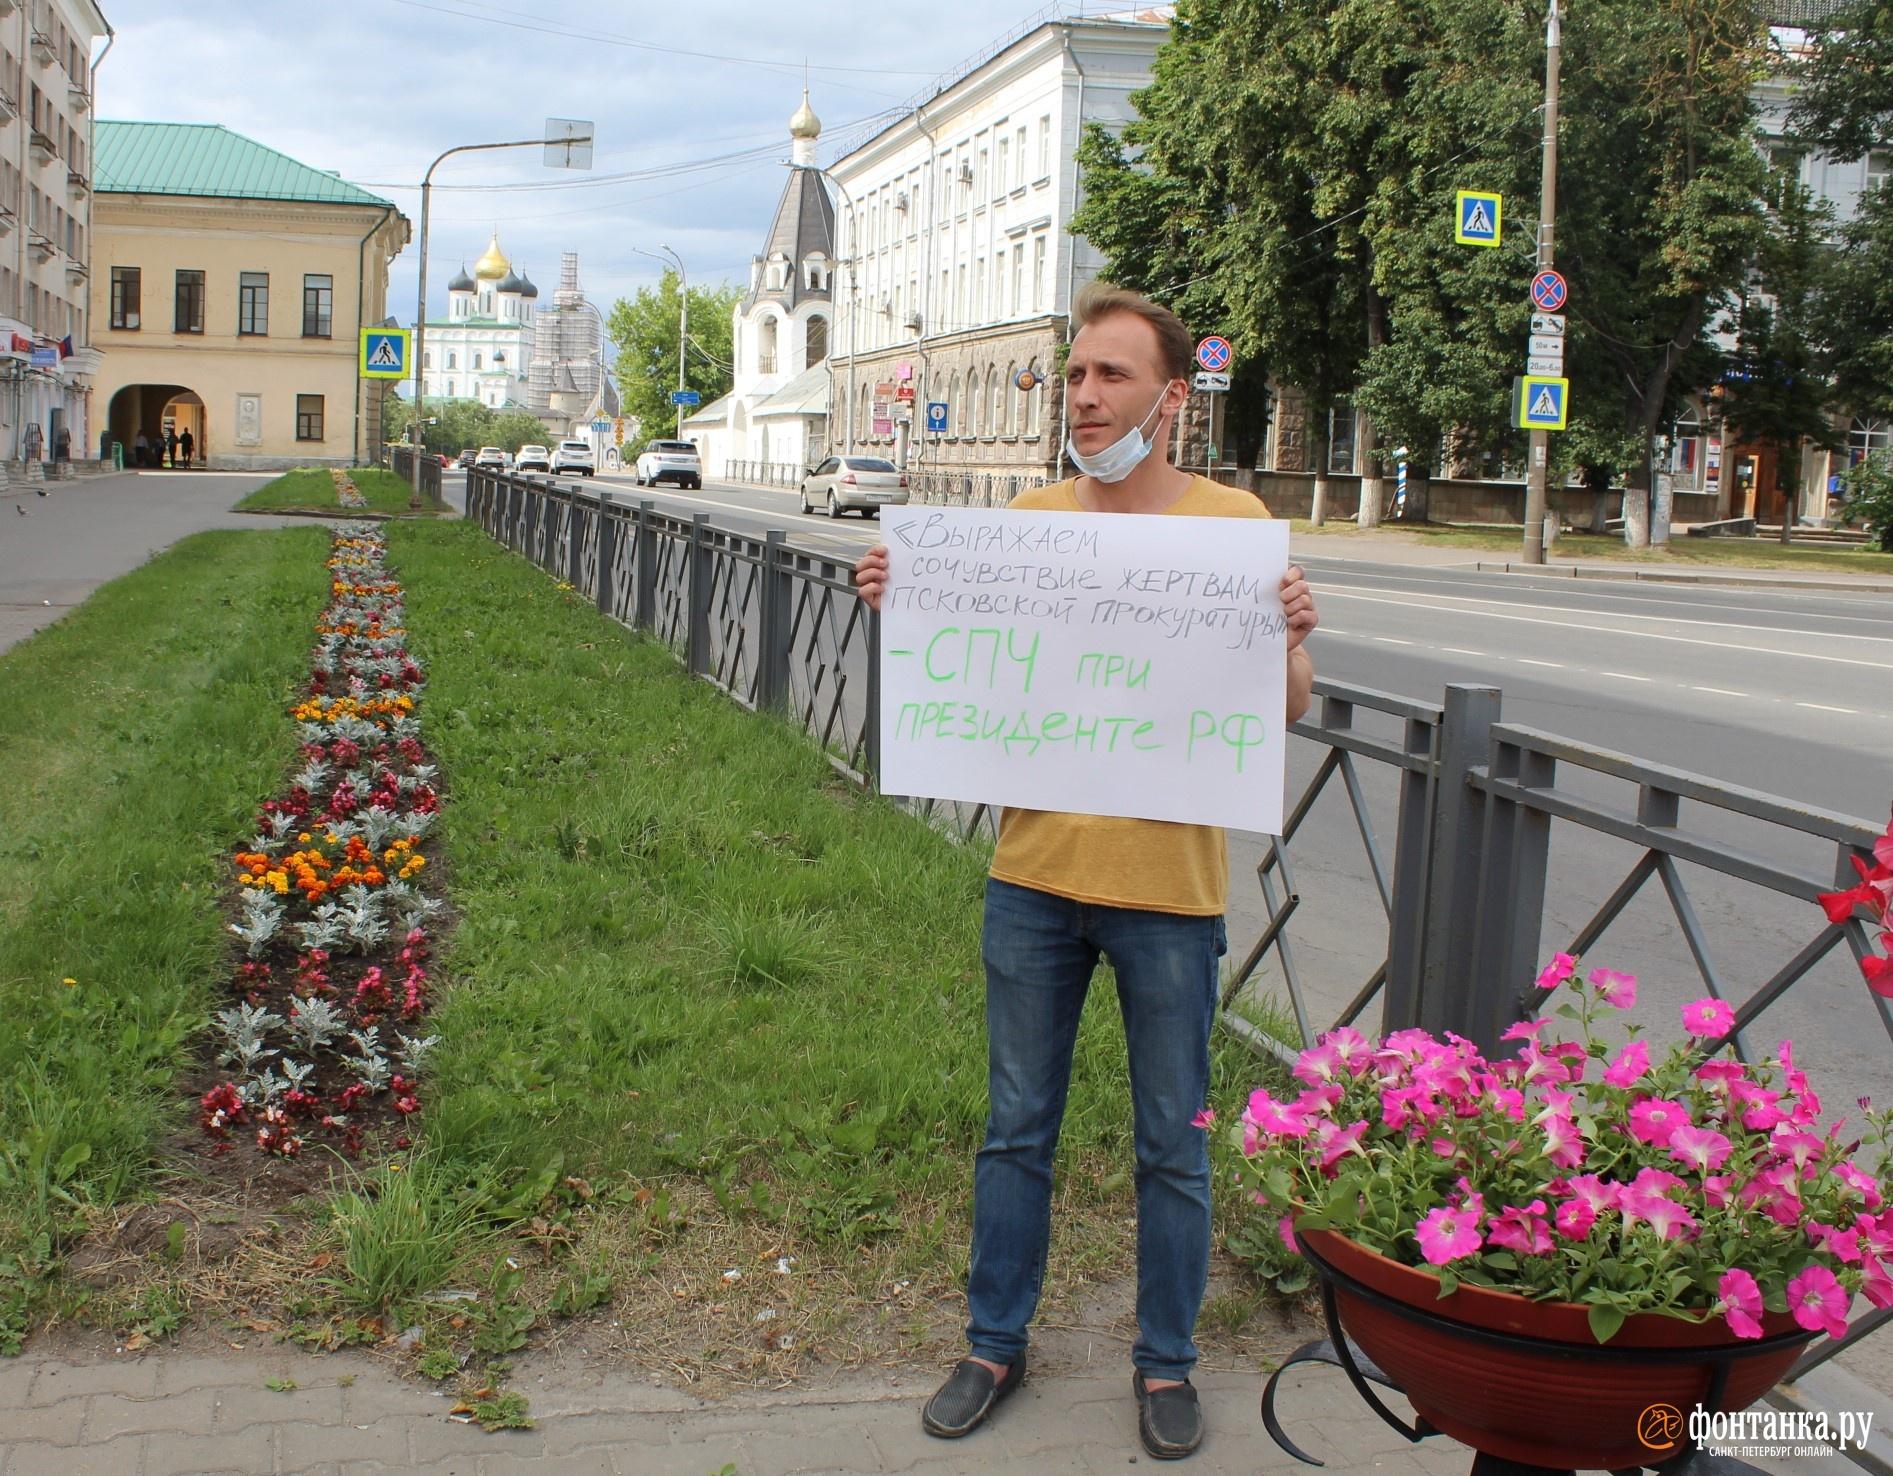 Денис Камалягин накануне приговора псковской журналистке Прокопьевой в июле 2020 года